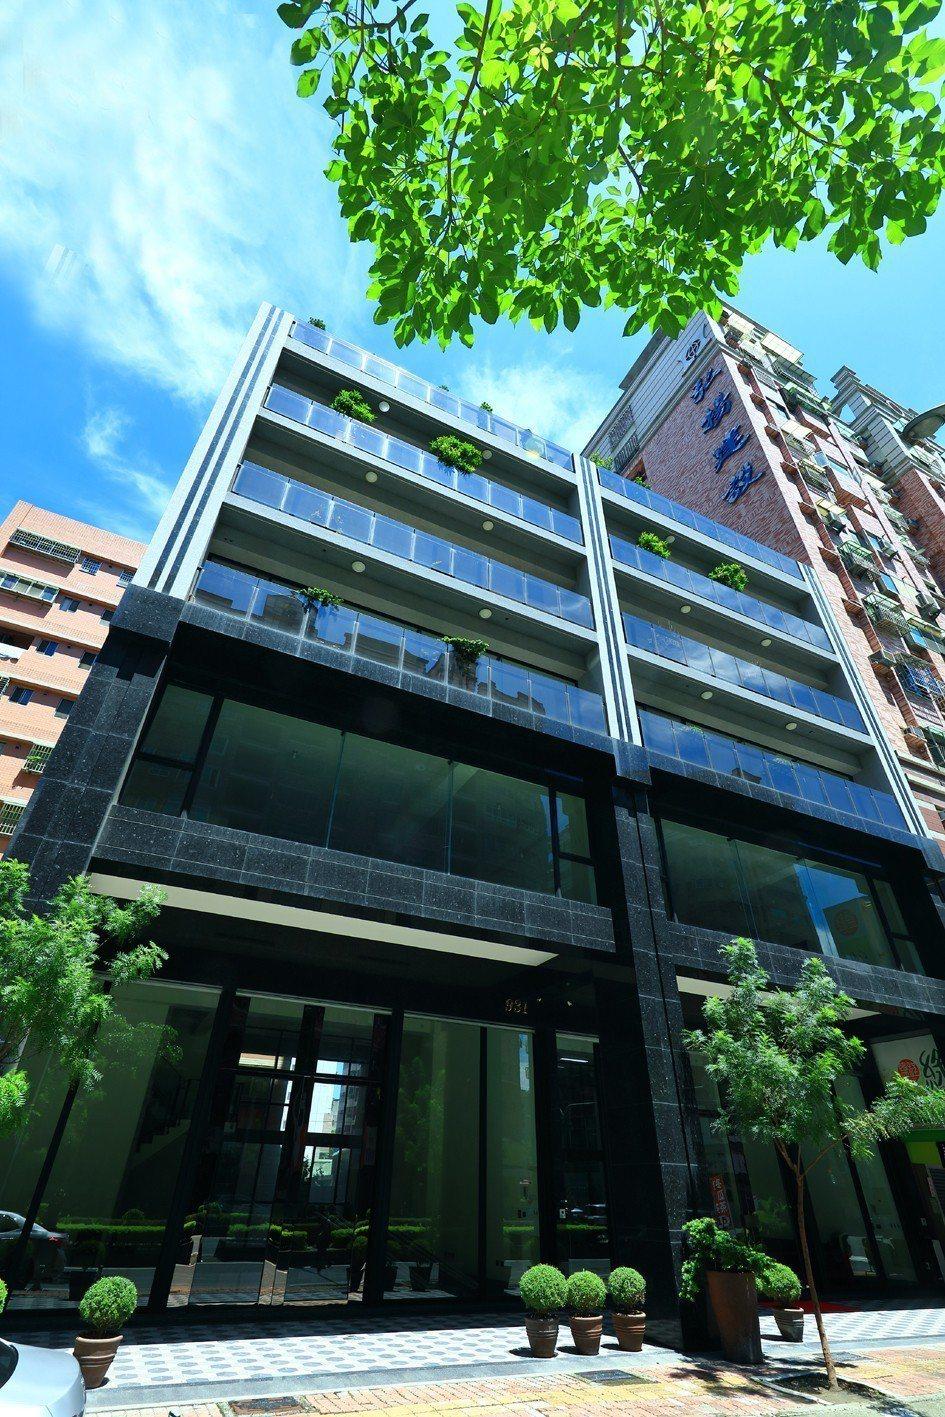 236坪獨棟崗石,企業總部旗艦店。 圖片提供/以勒建設